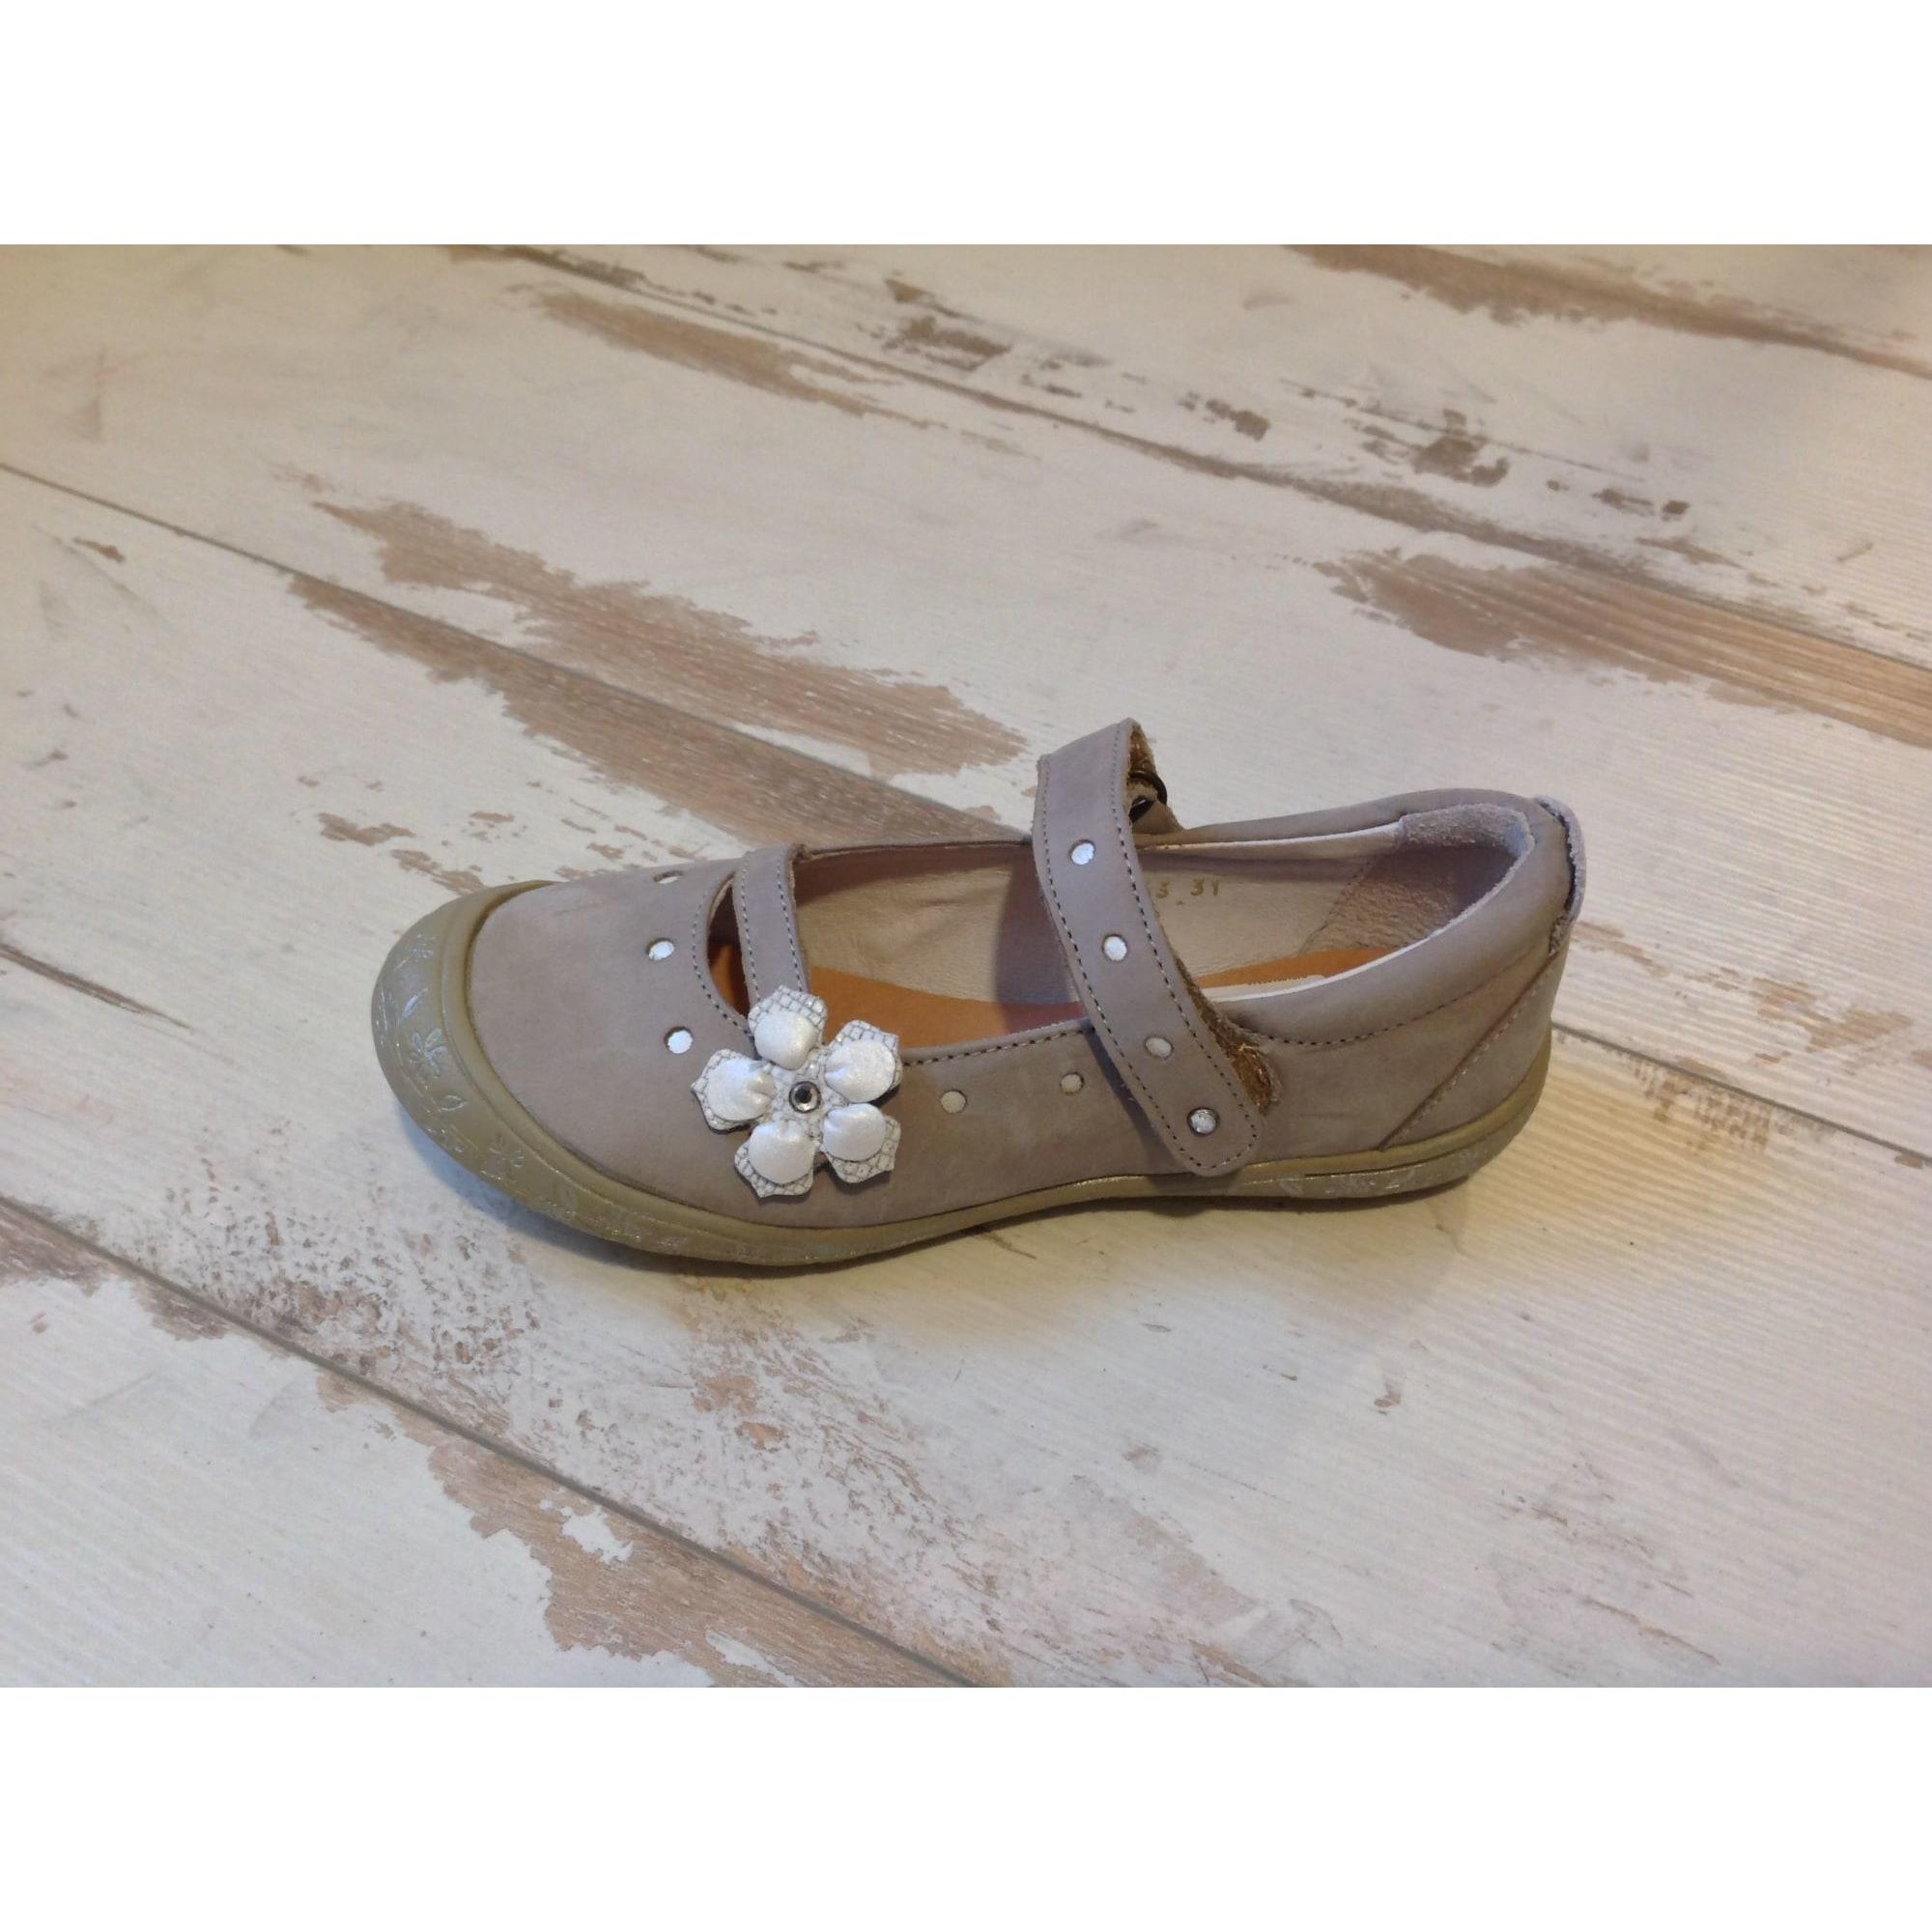 Sandales LE LOUP BLANC Gris, anthracite